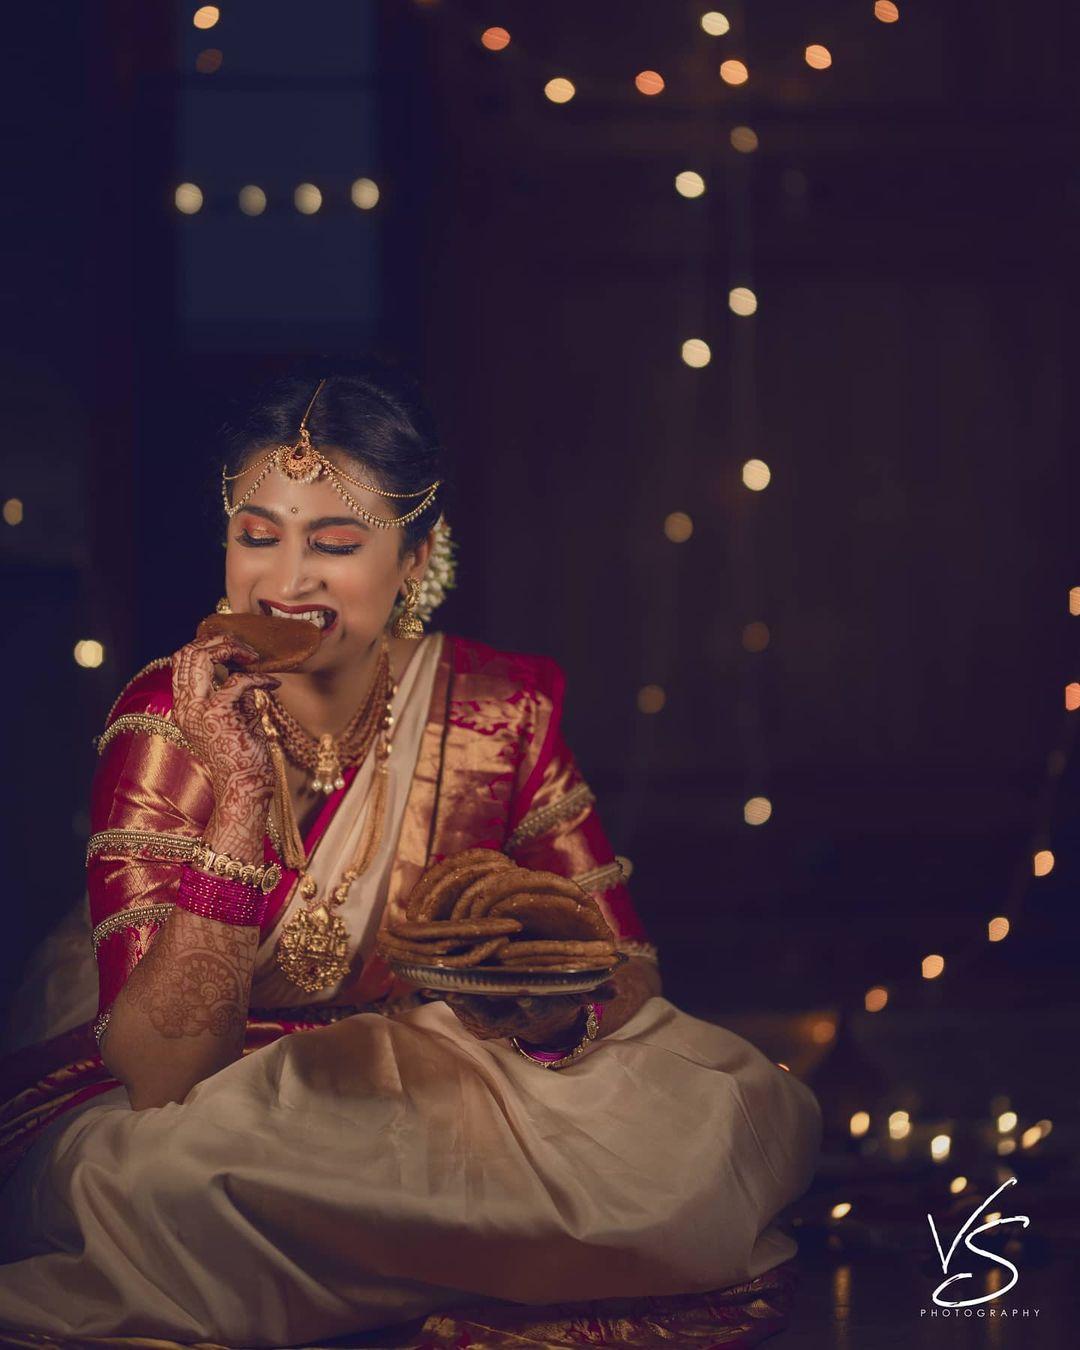 ನಟಿ ಶ್ವೇತಾ ಶ್ರೀವಾತ್ಸವ